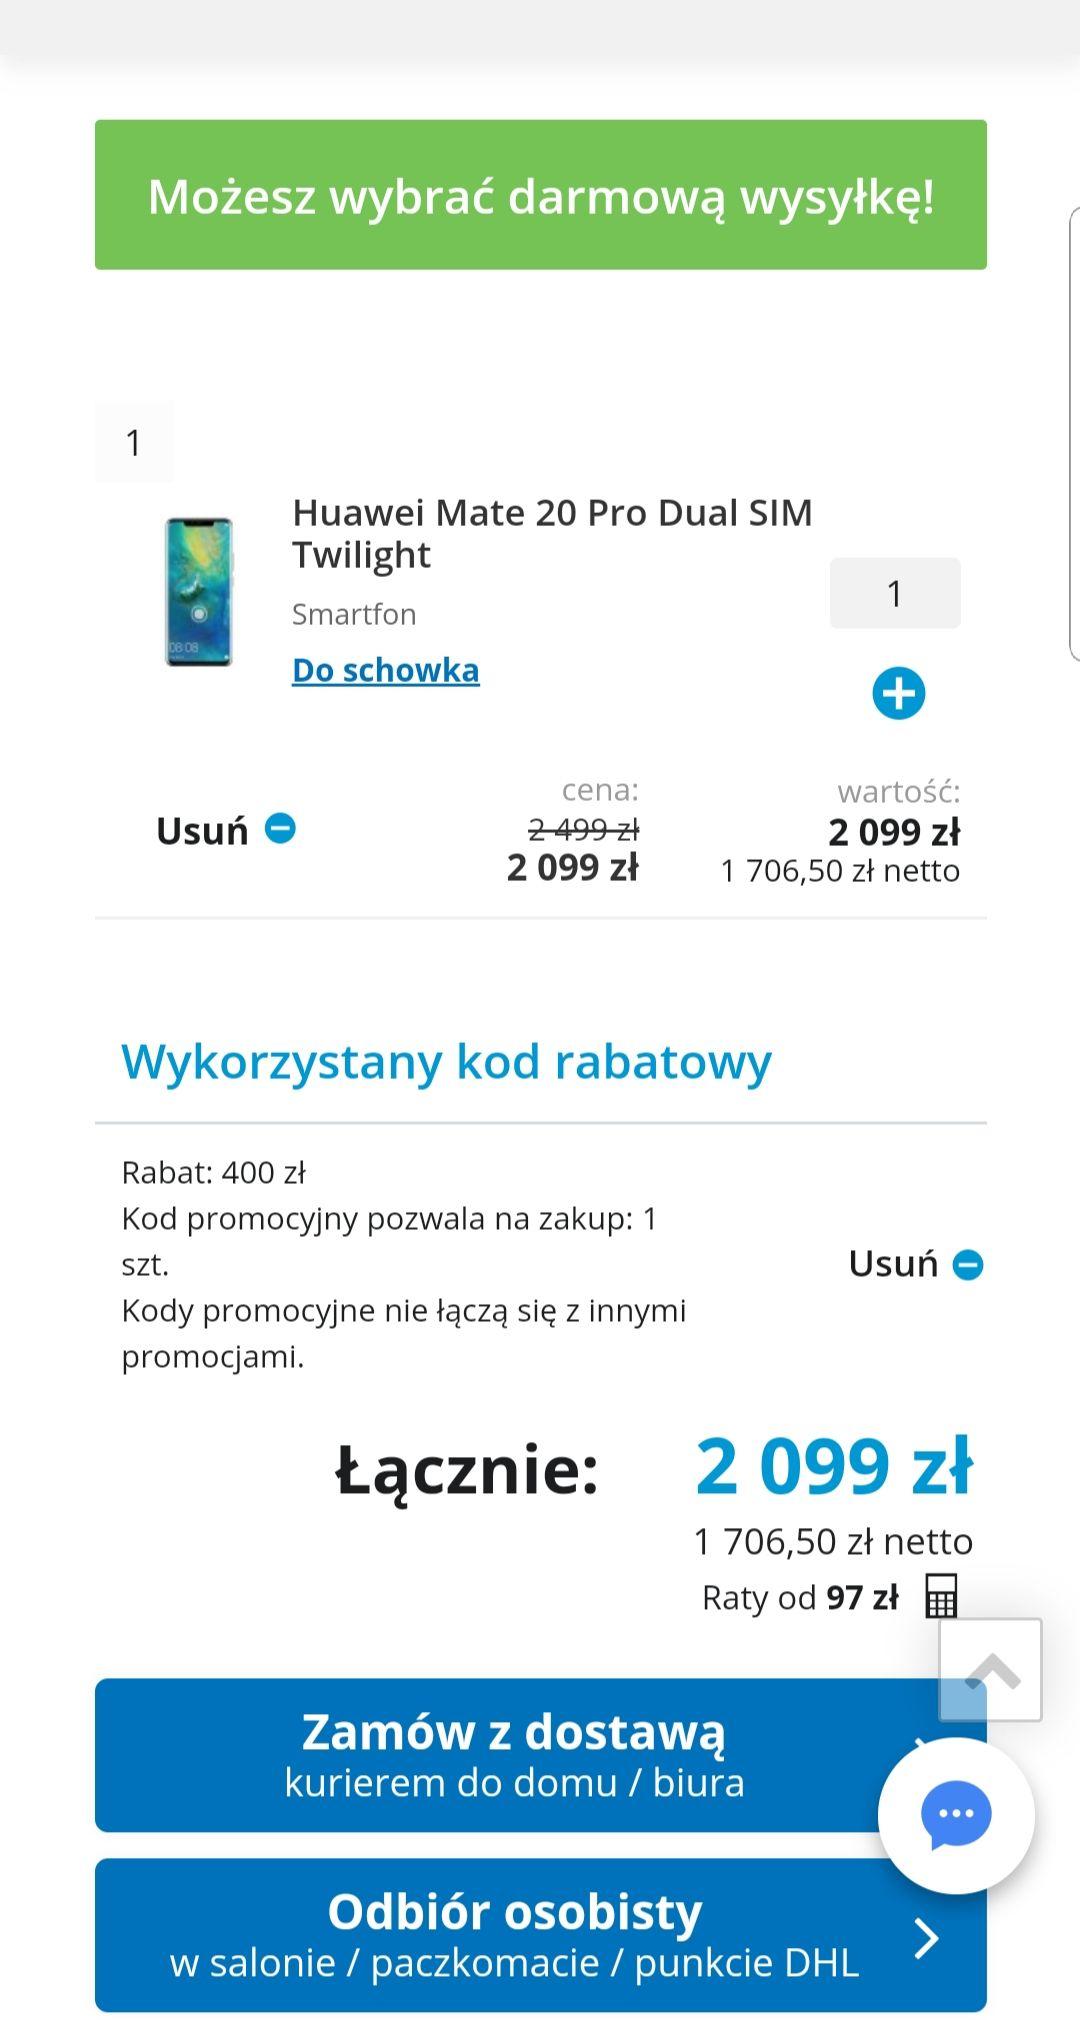 Huawei Mate 20 Pro twiglight za 2099zł i 400zł na karcie podarunkowej Komputronik